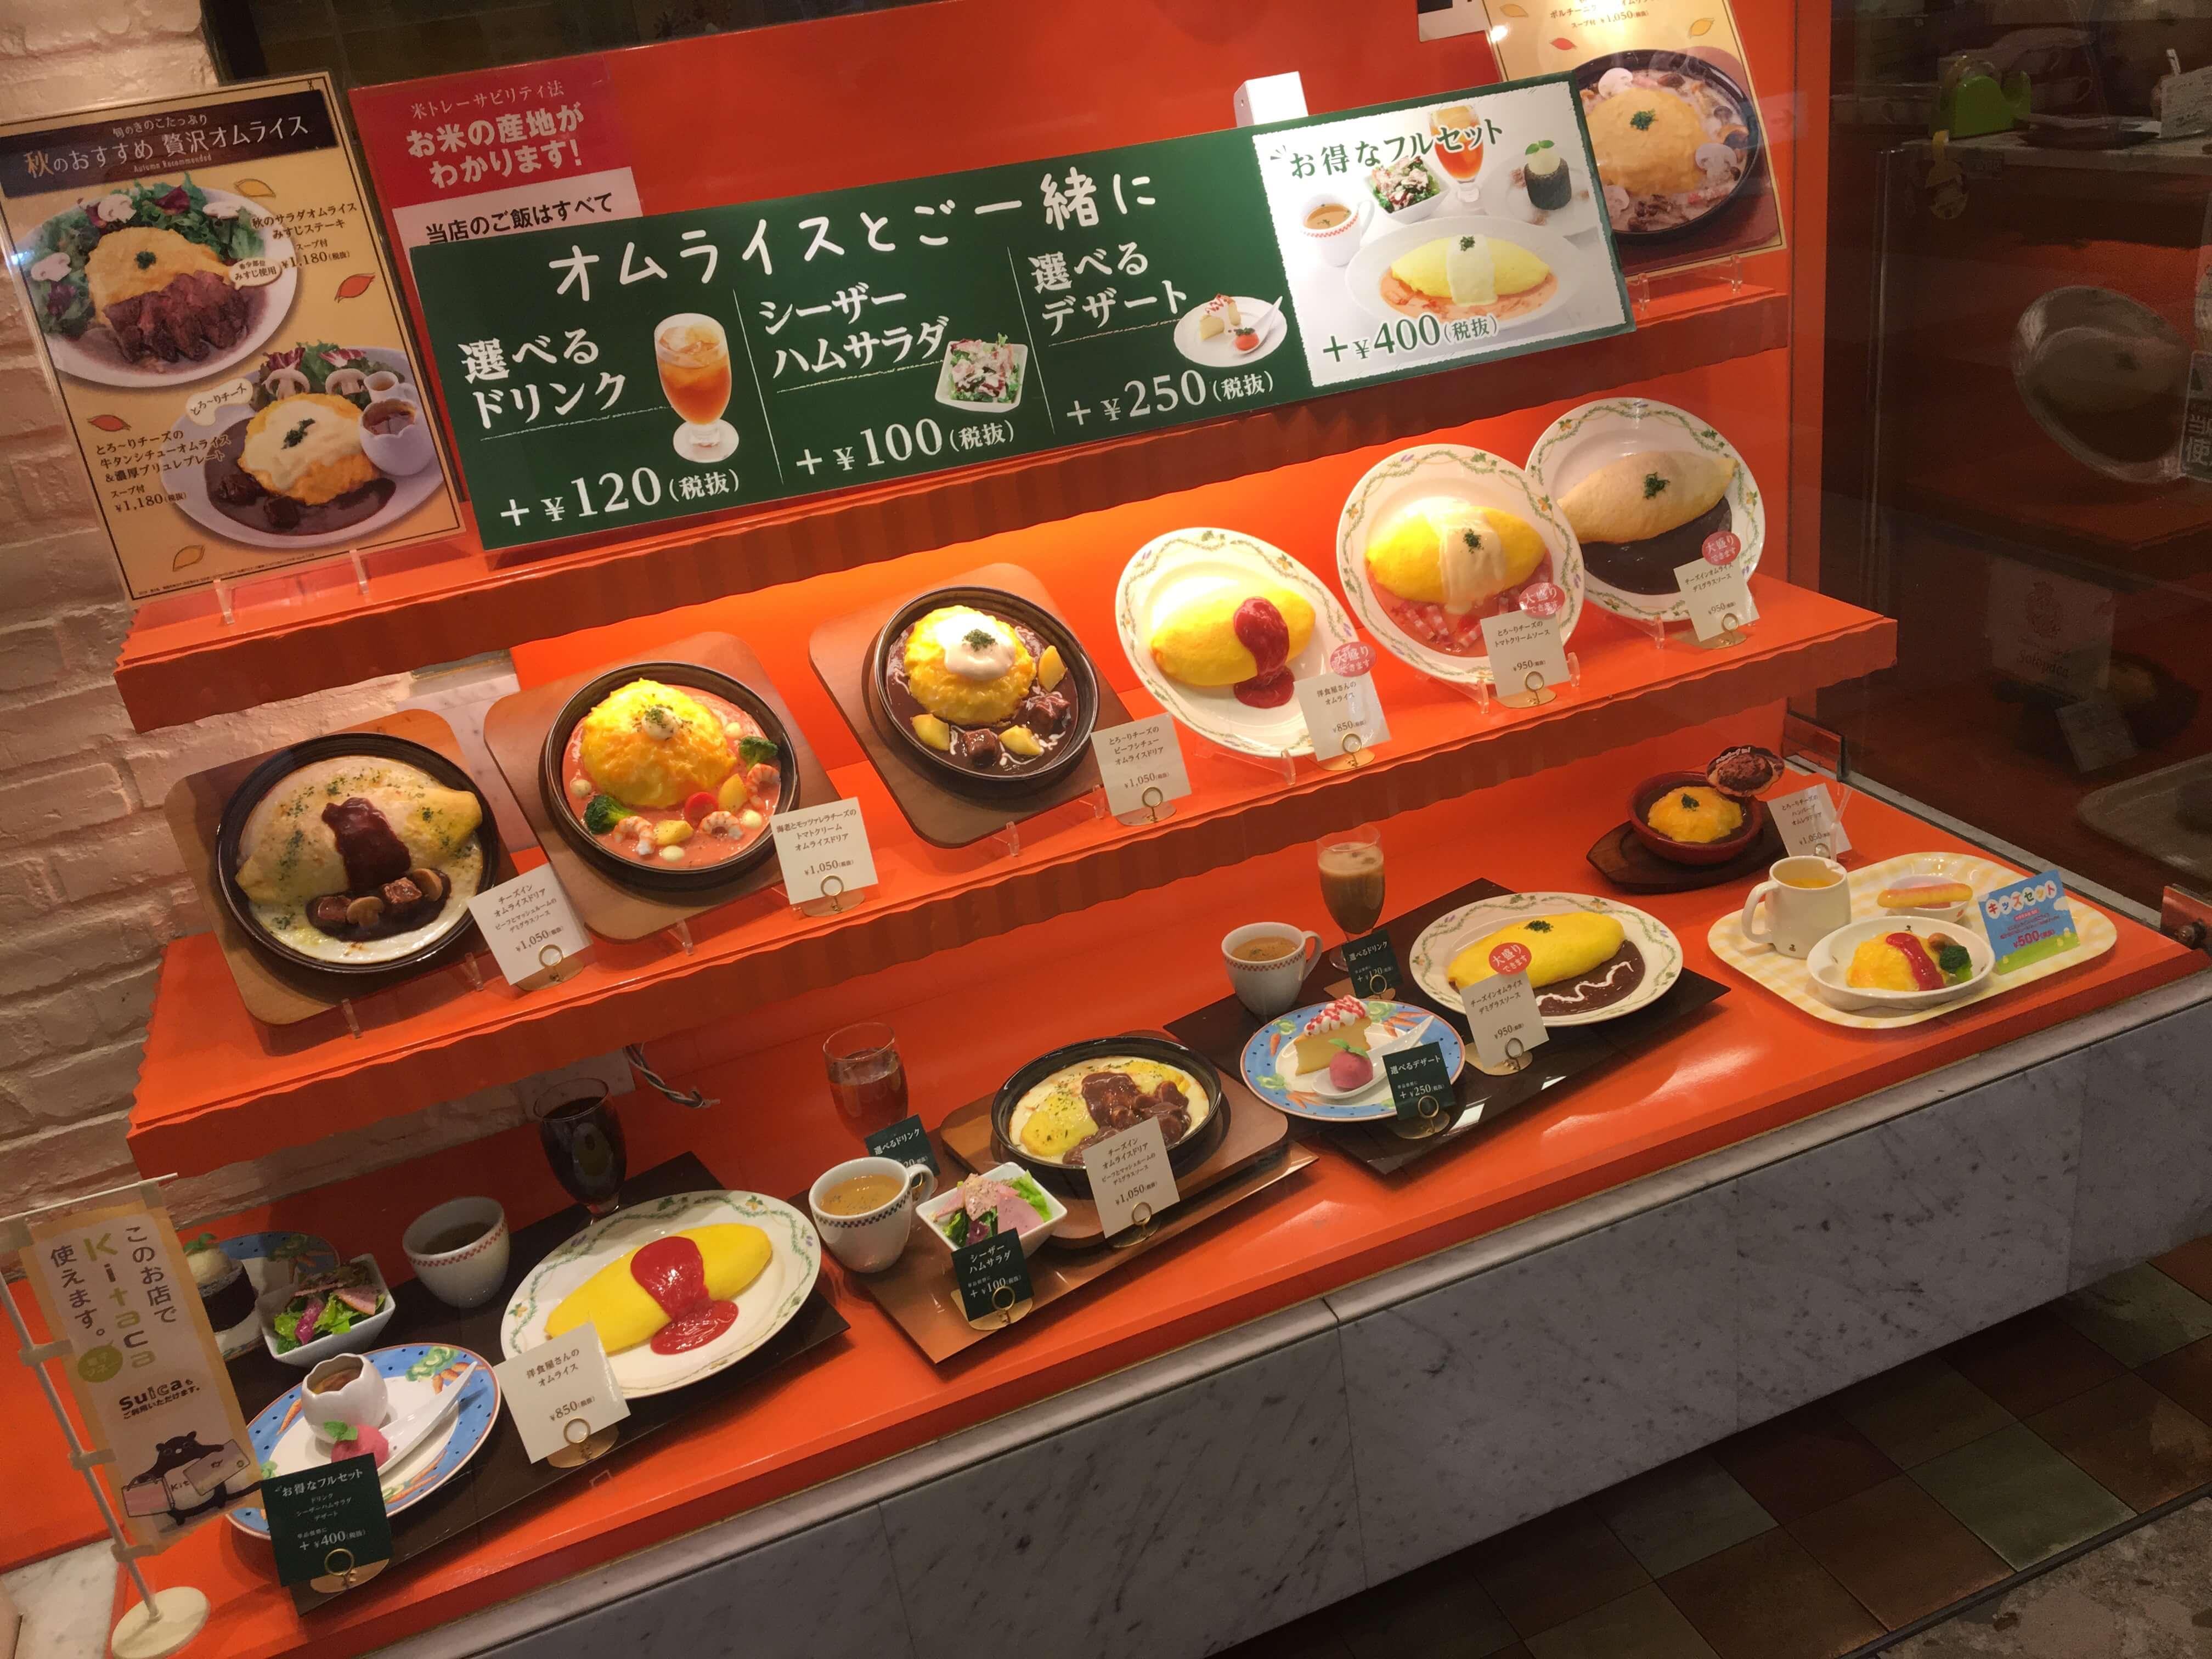 卵と私 札幌アピア店の店前にあるディスプレイ